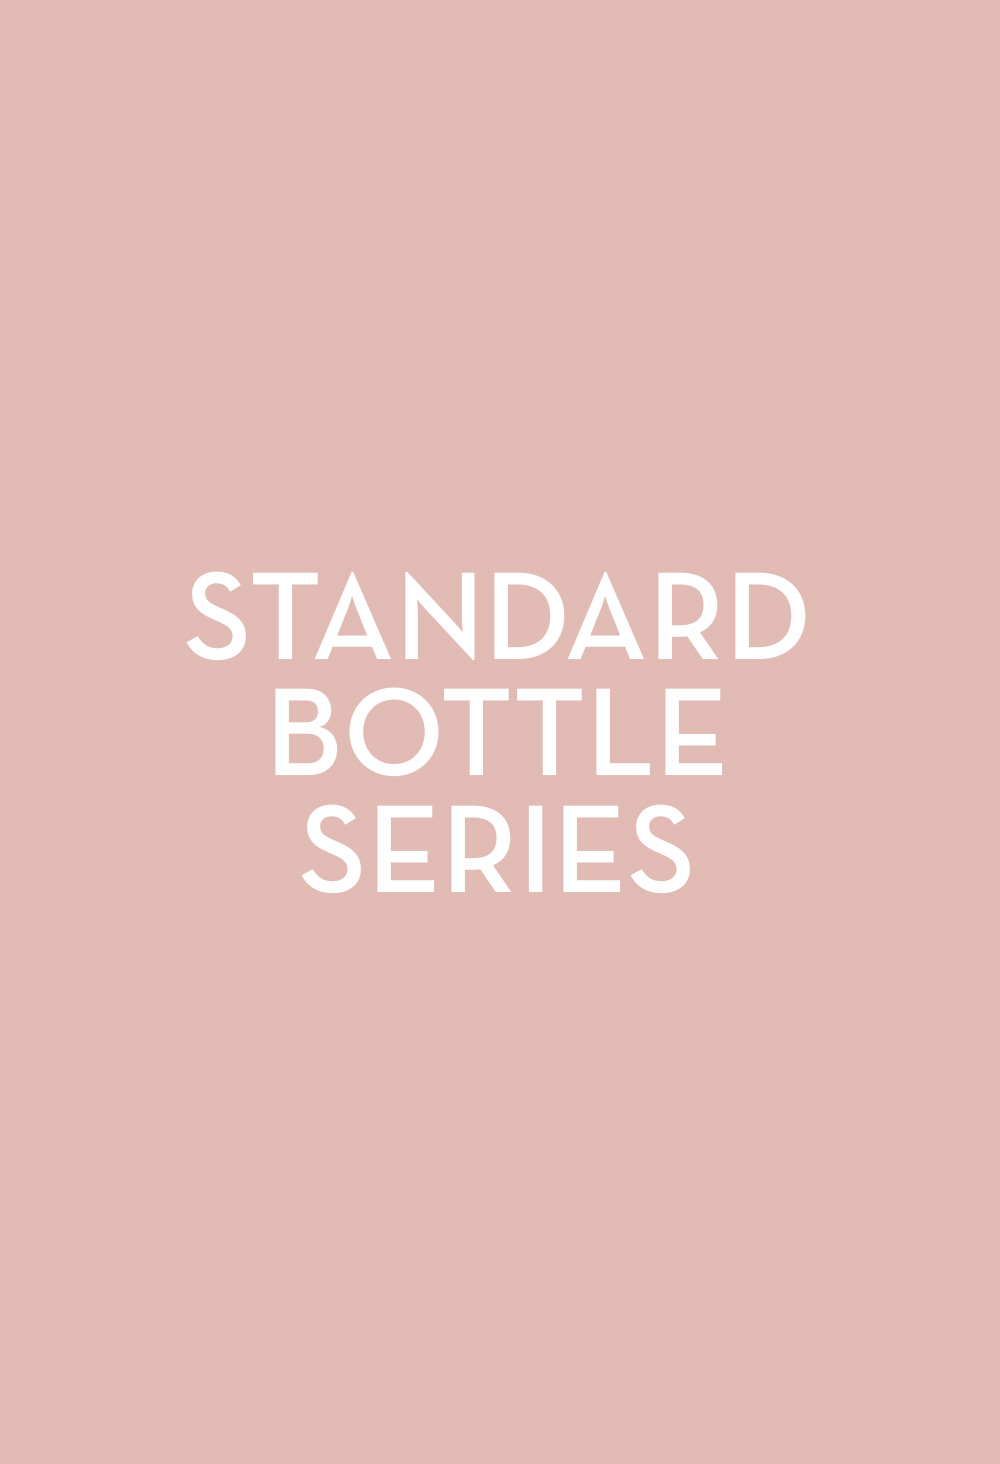 Standard Bottle Series - Fasten